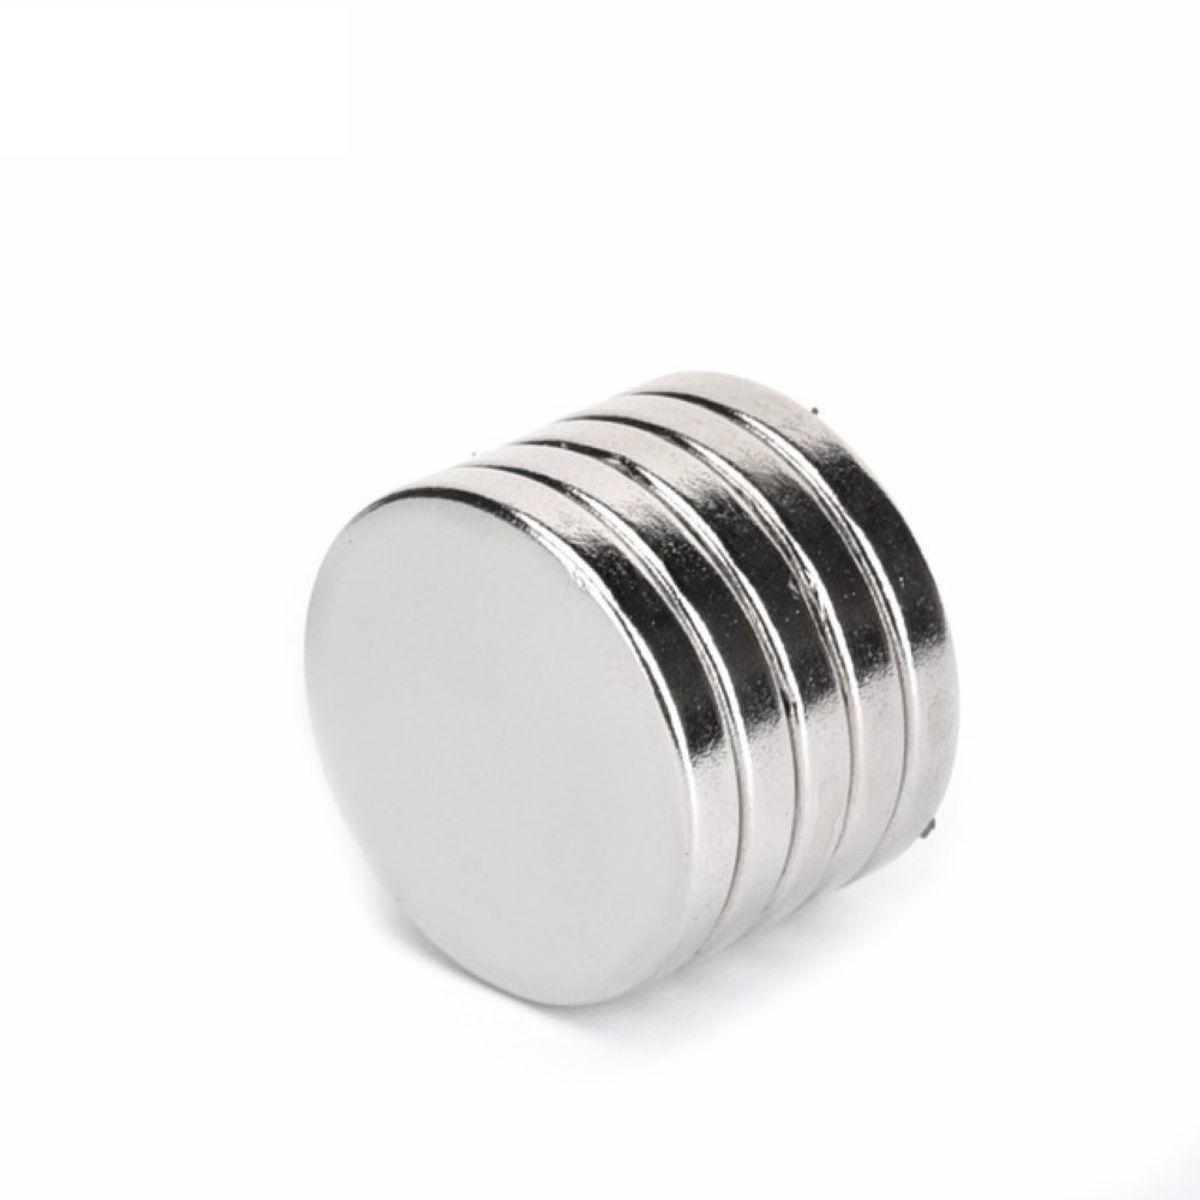 Neodym Magnete 5 x 3 mm Supermagnete hohe Haftkraft Scheibenmagnet N35 25 Stück